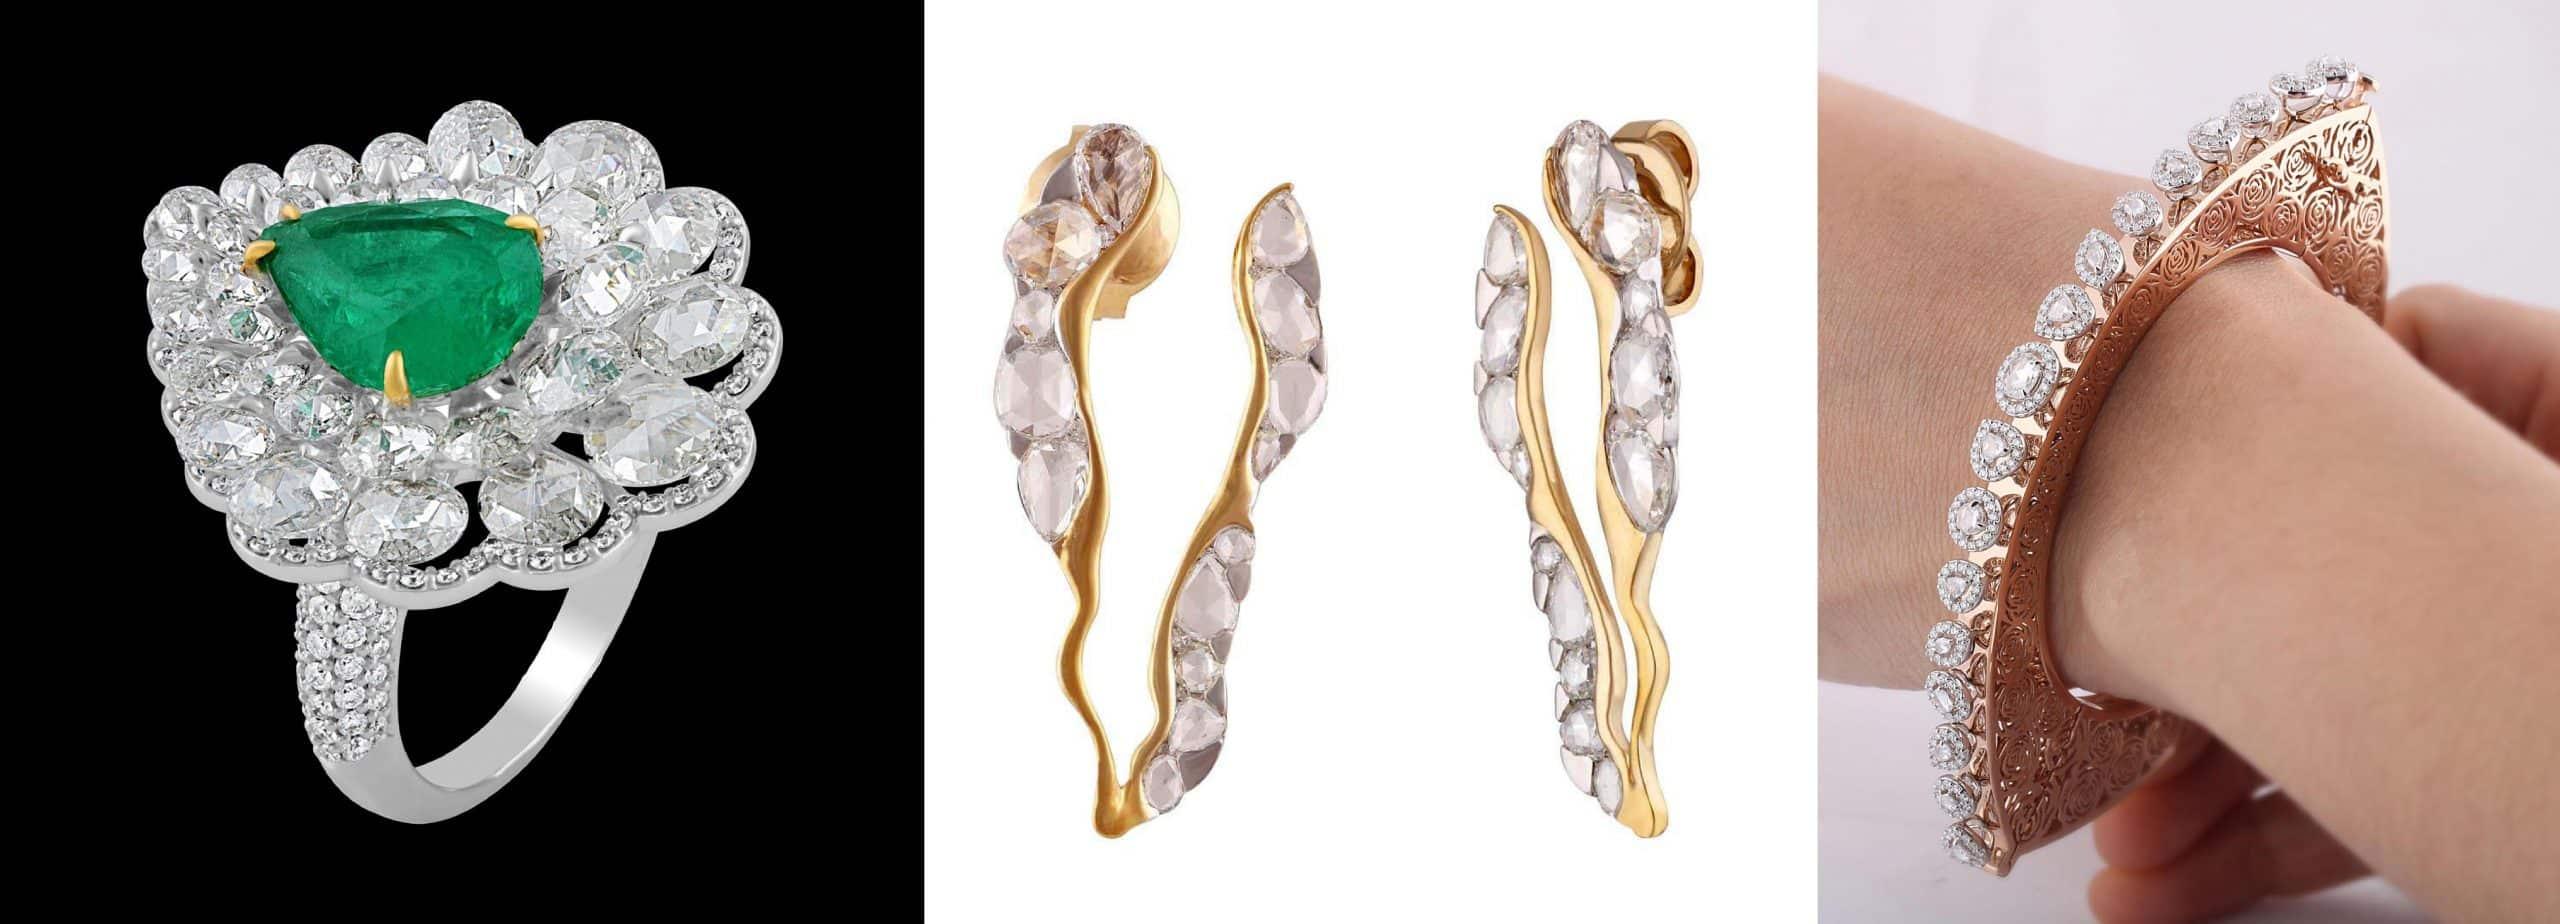 Studio Reves jewelry